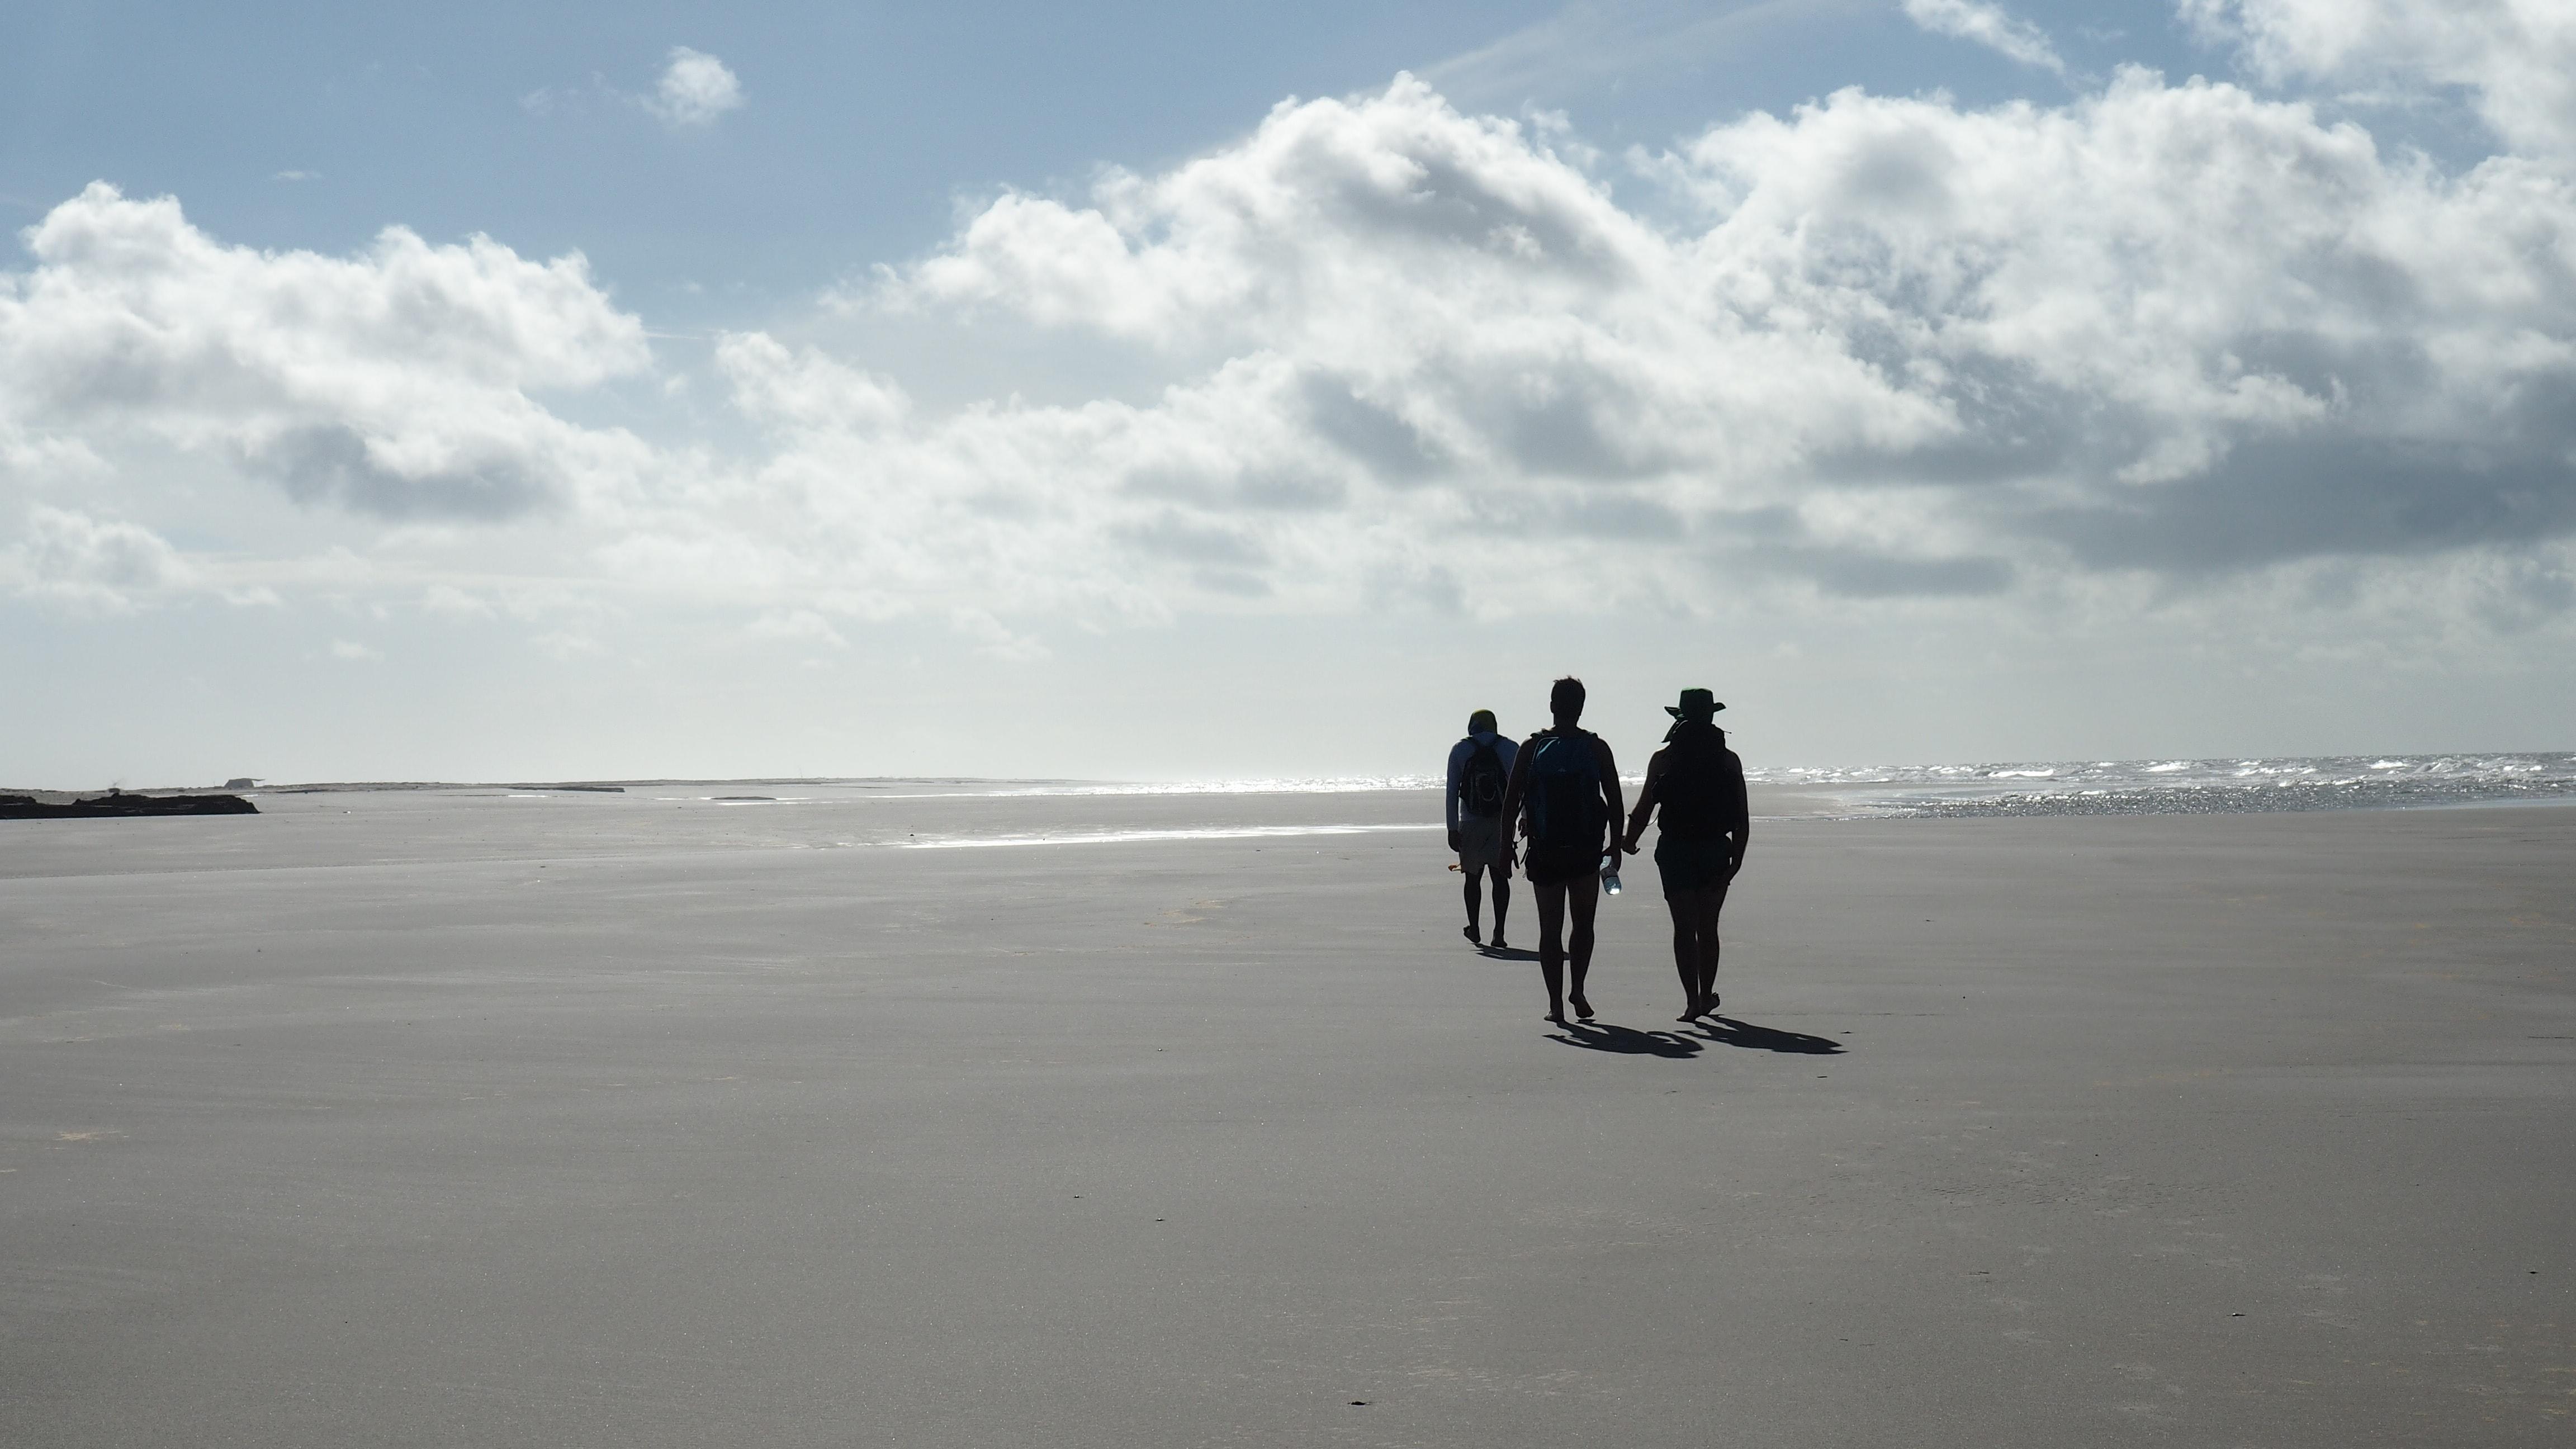 Caminando por la playa al comienzo de la ruta de 3 días en los Lençois Maranhenses